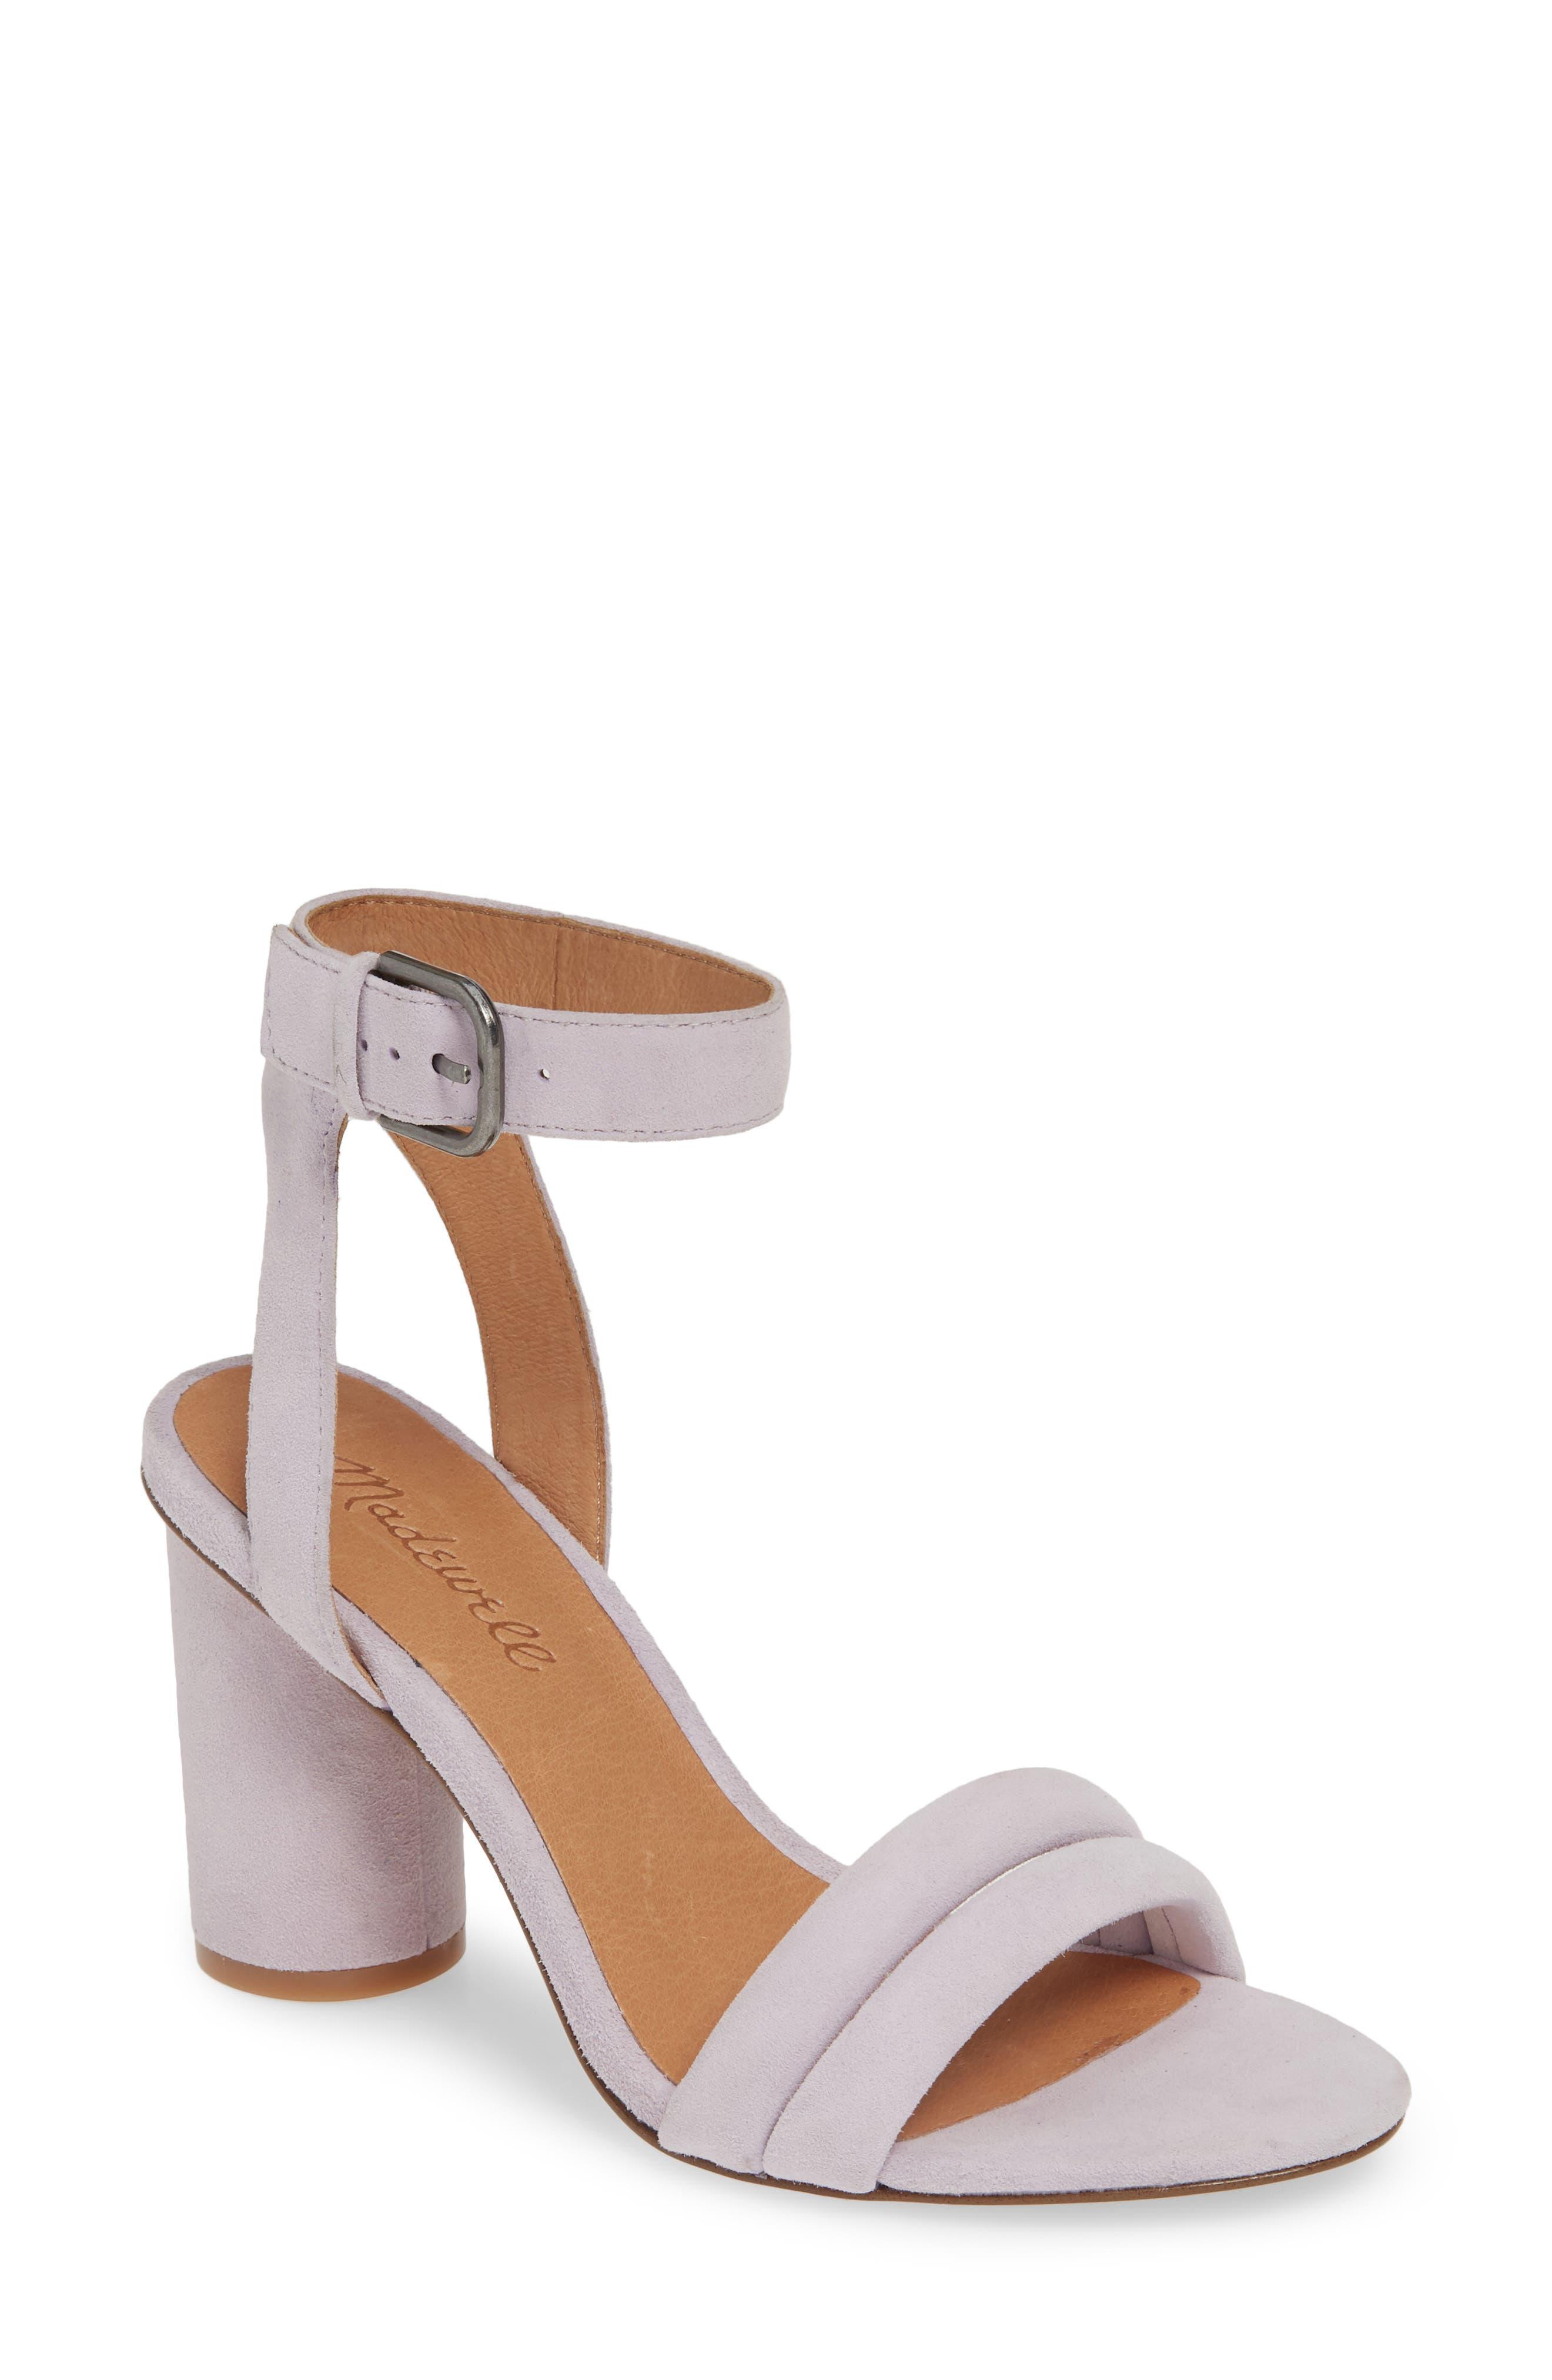 Madewell The Rosalie High Heel Sandal- Purple